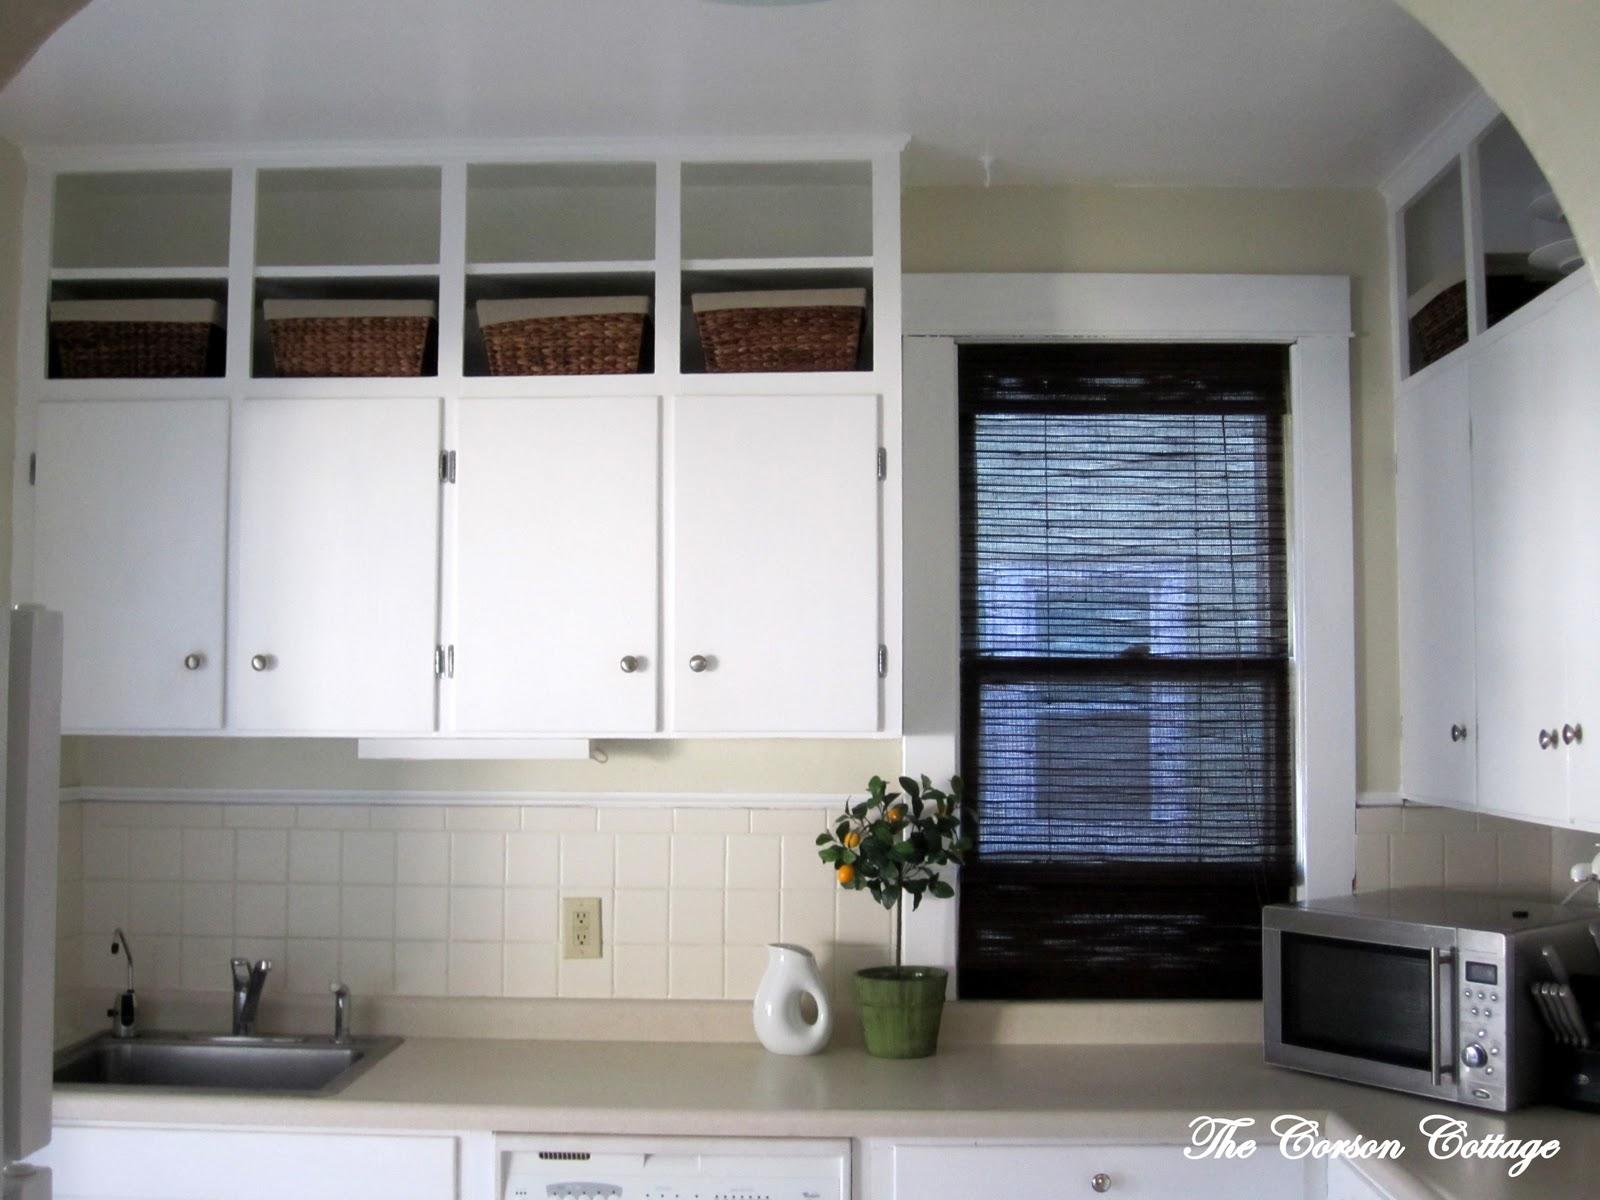 the corson cottage: A Tiny Cottage Kitchen